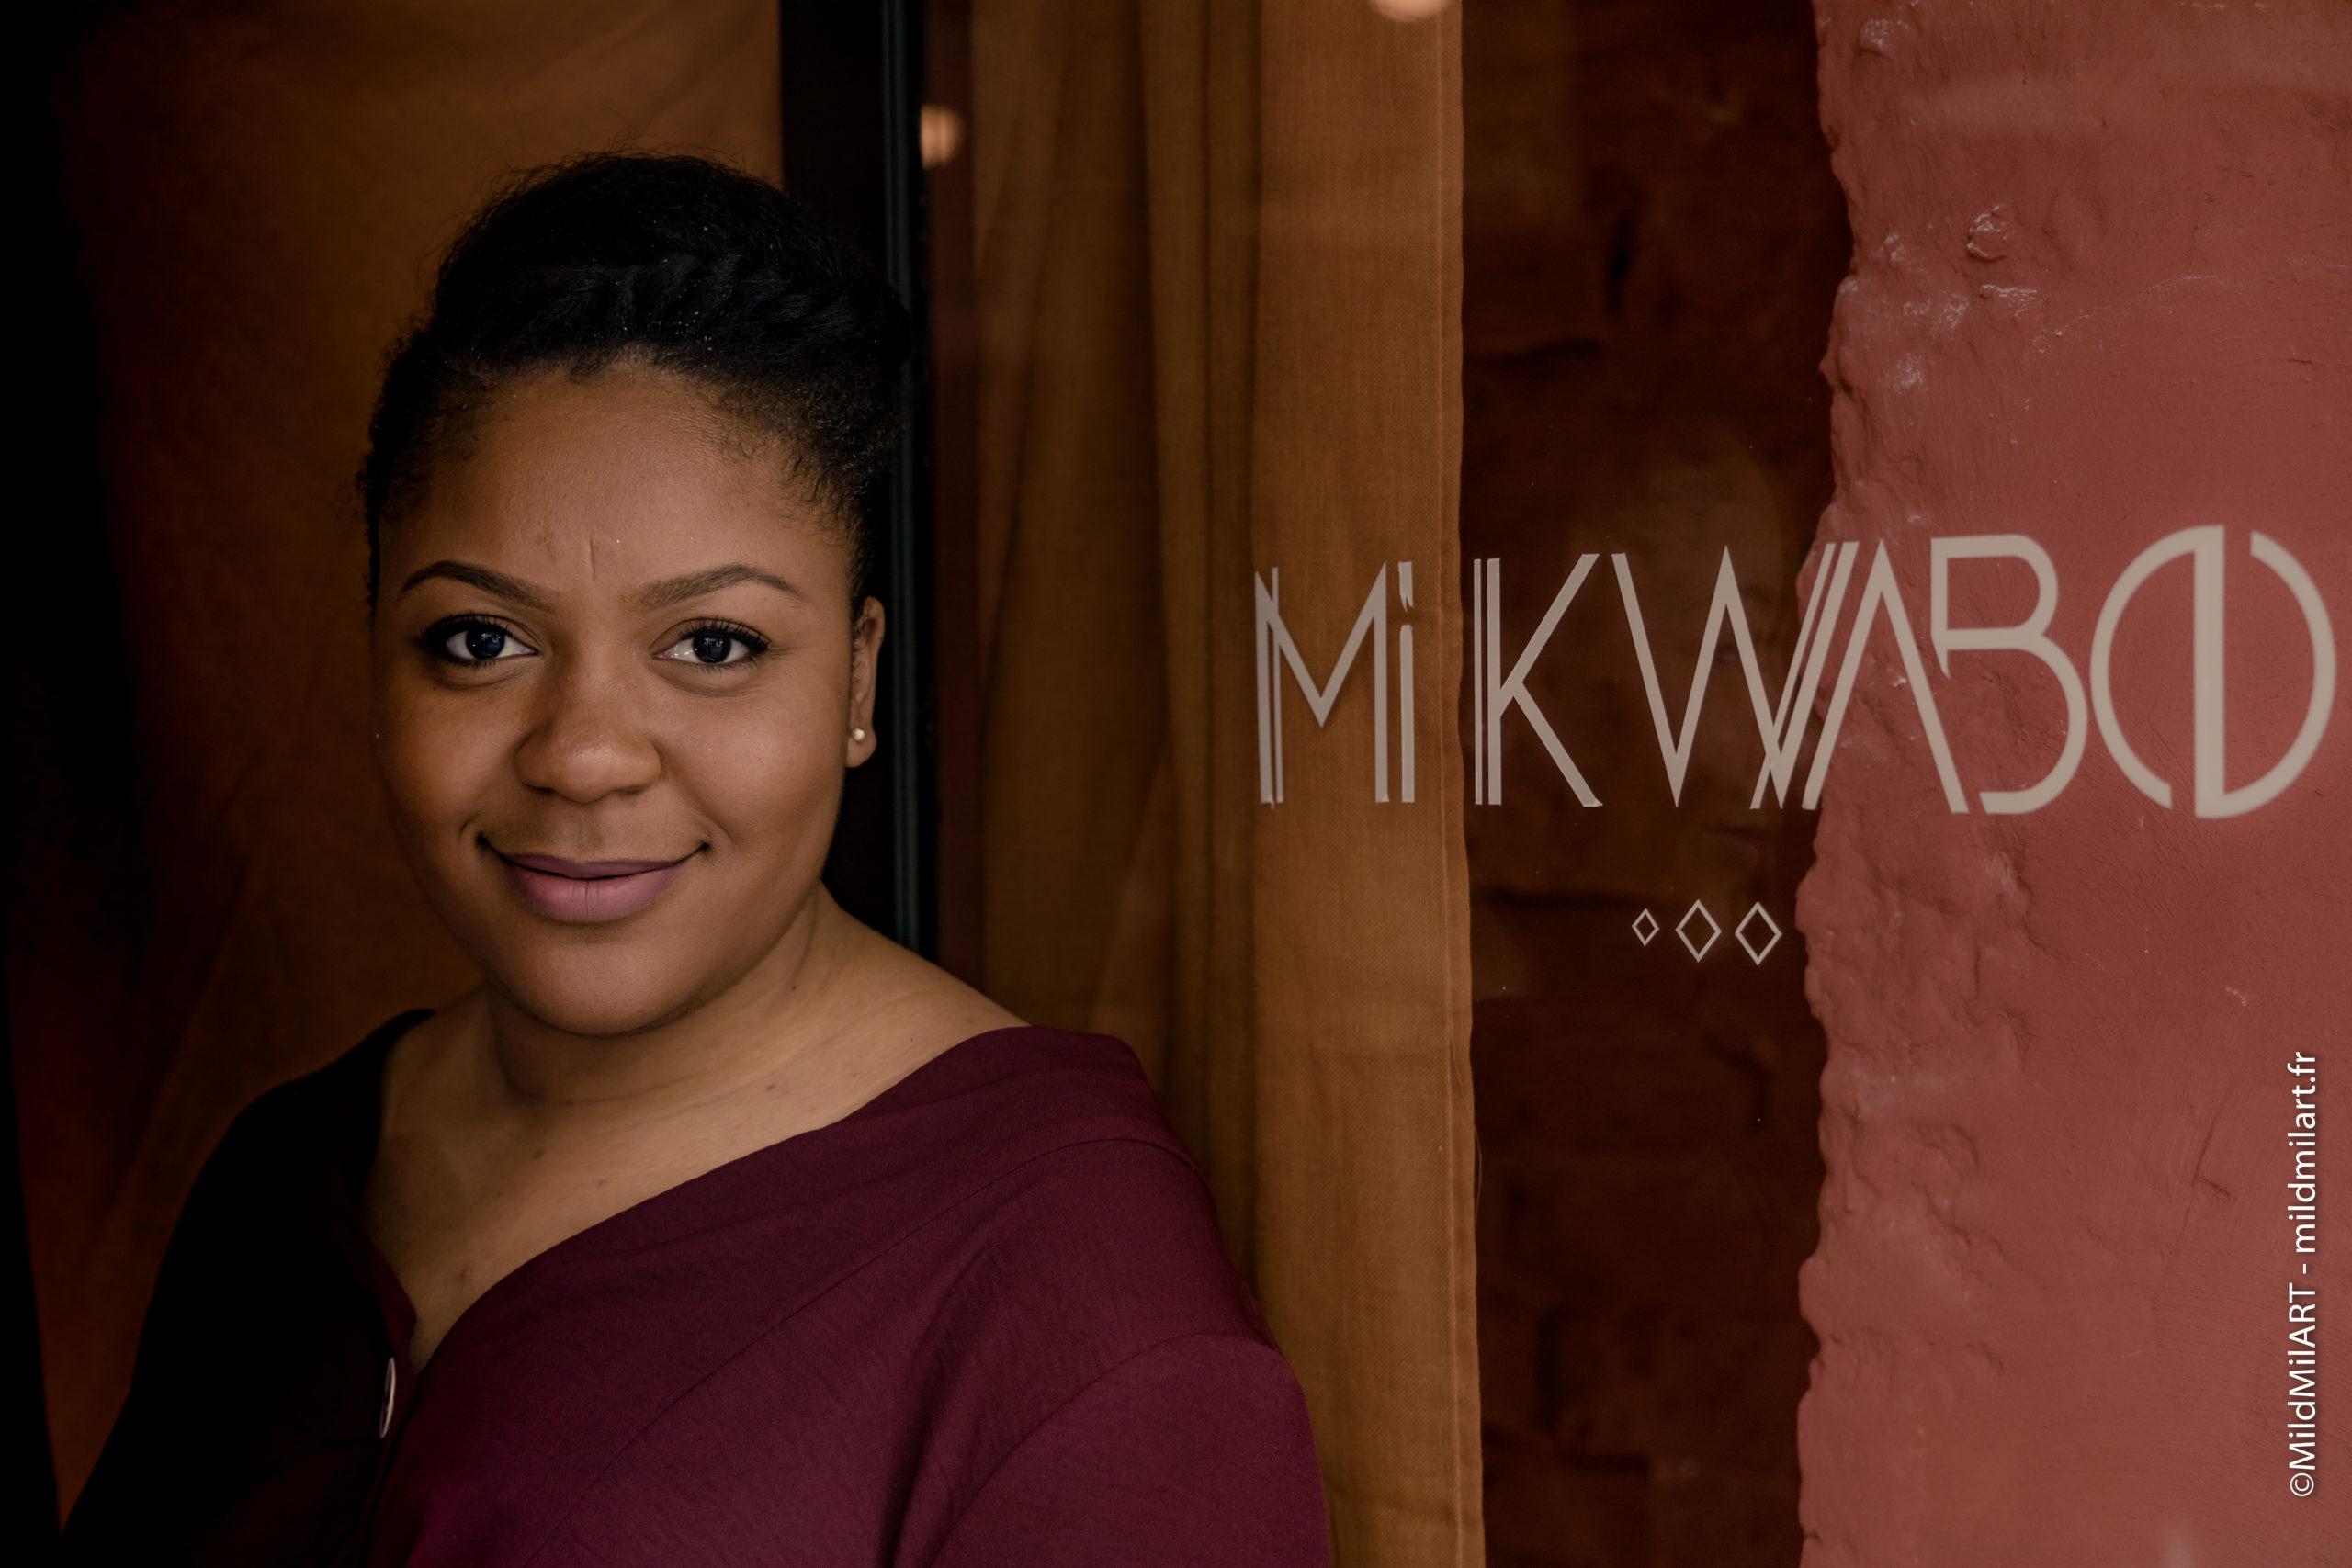 Vanessa Bond Restauratrice - Restaurant Africains/Antillais Mi Kwabo